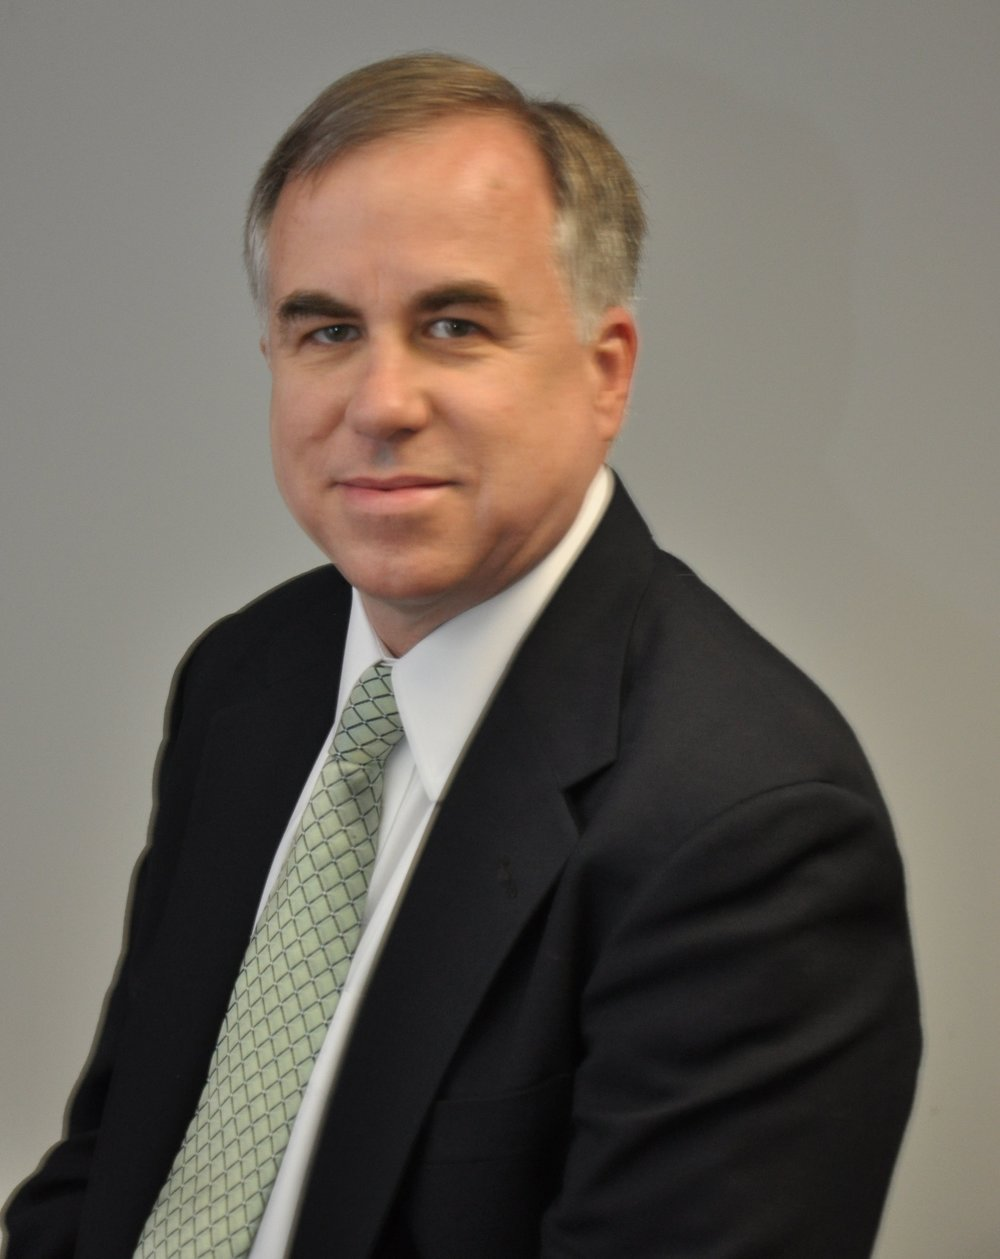 Douglas A. McDuff - DouglasM@NicklausLaw.com